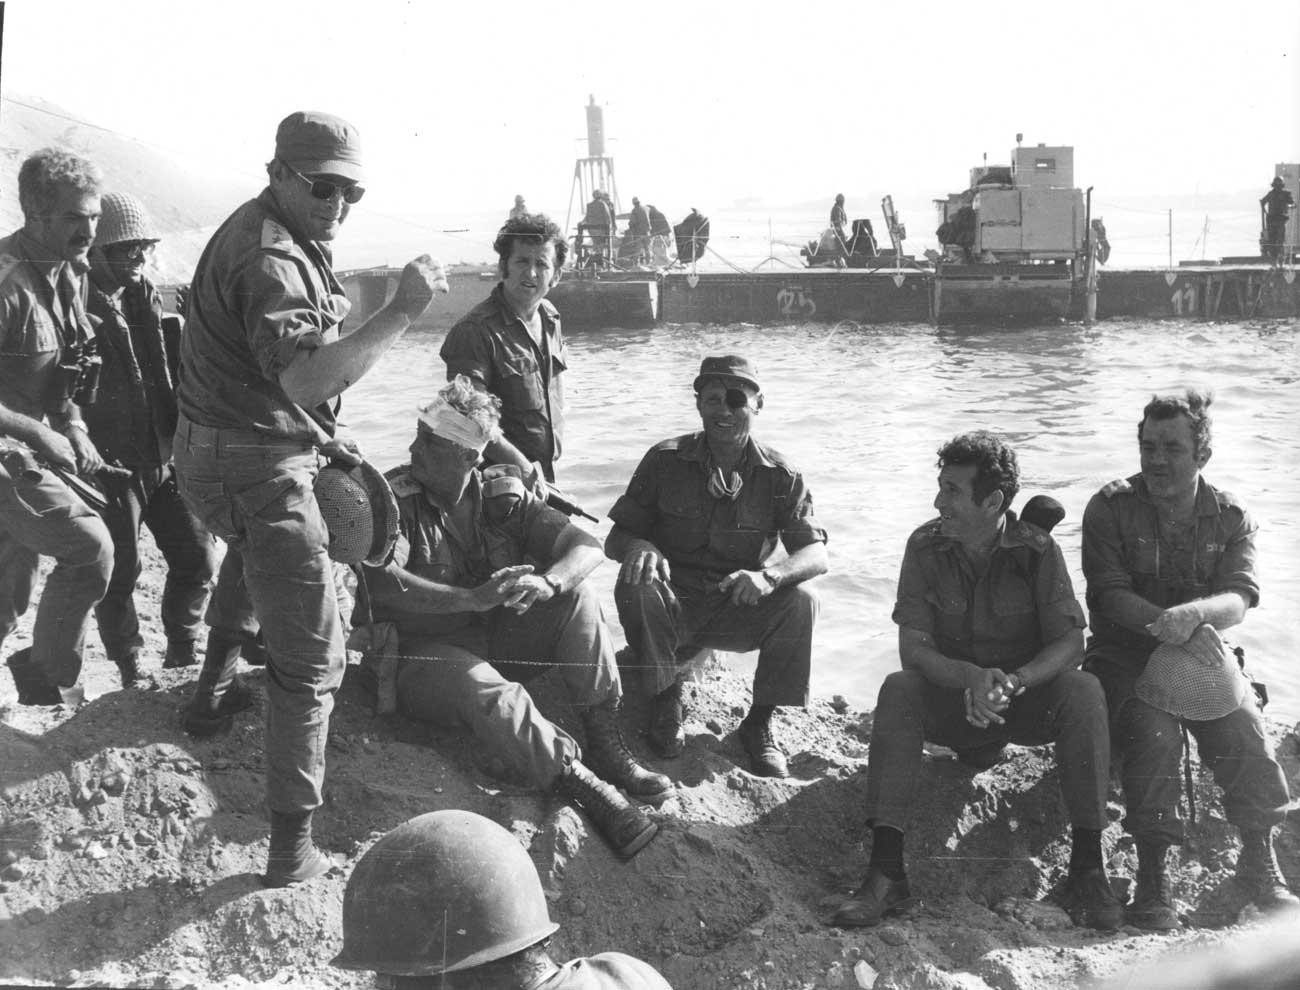 """משה דיין ואריאל שרון מבקרים את הכוחות בתעלה במלחמת יום כיפור (צילום: באדיבות ארכיון צה""""ל במשרד הביטחון)"""